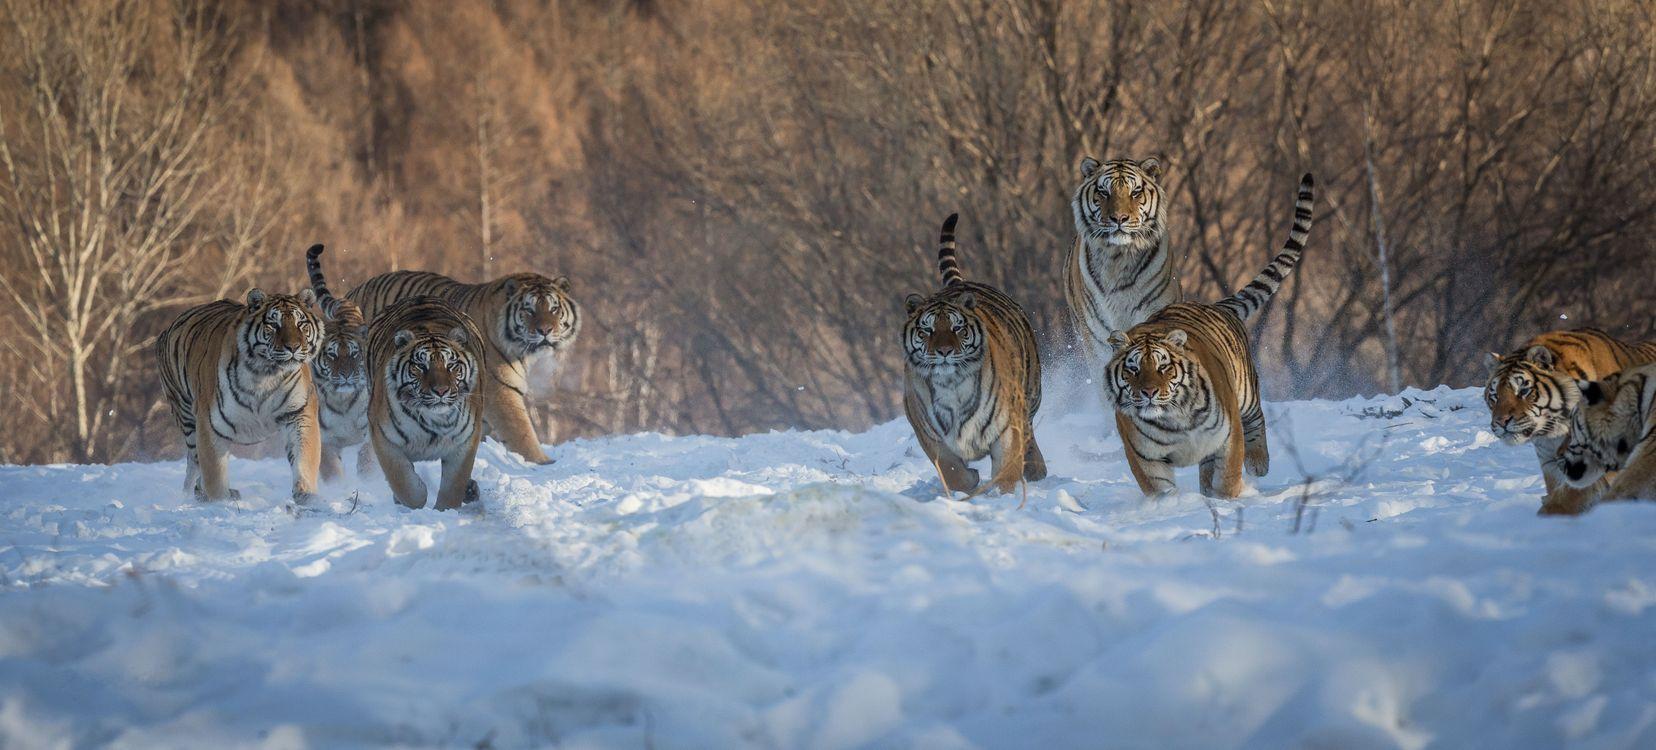 Фото бесплатно тигр, хищник, животное, тигры, животные, хищники, панорама, животные